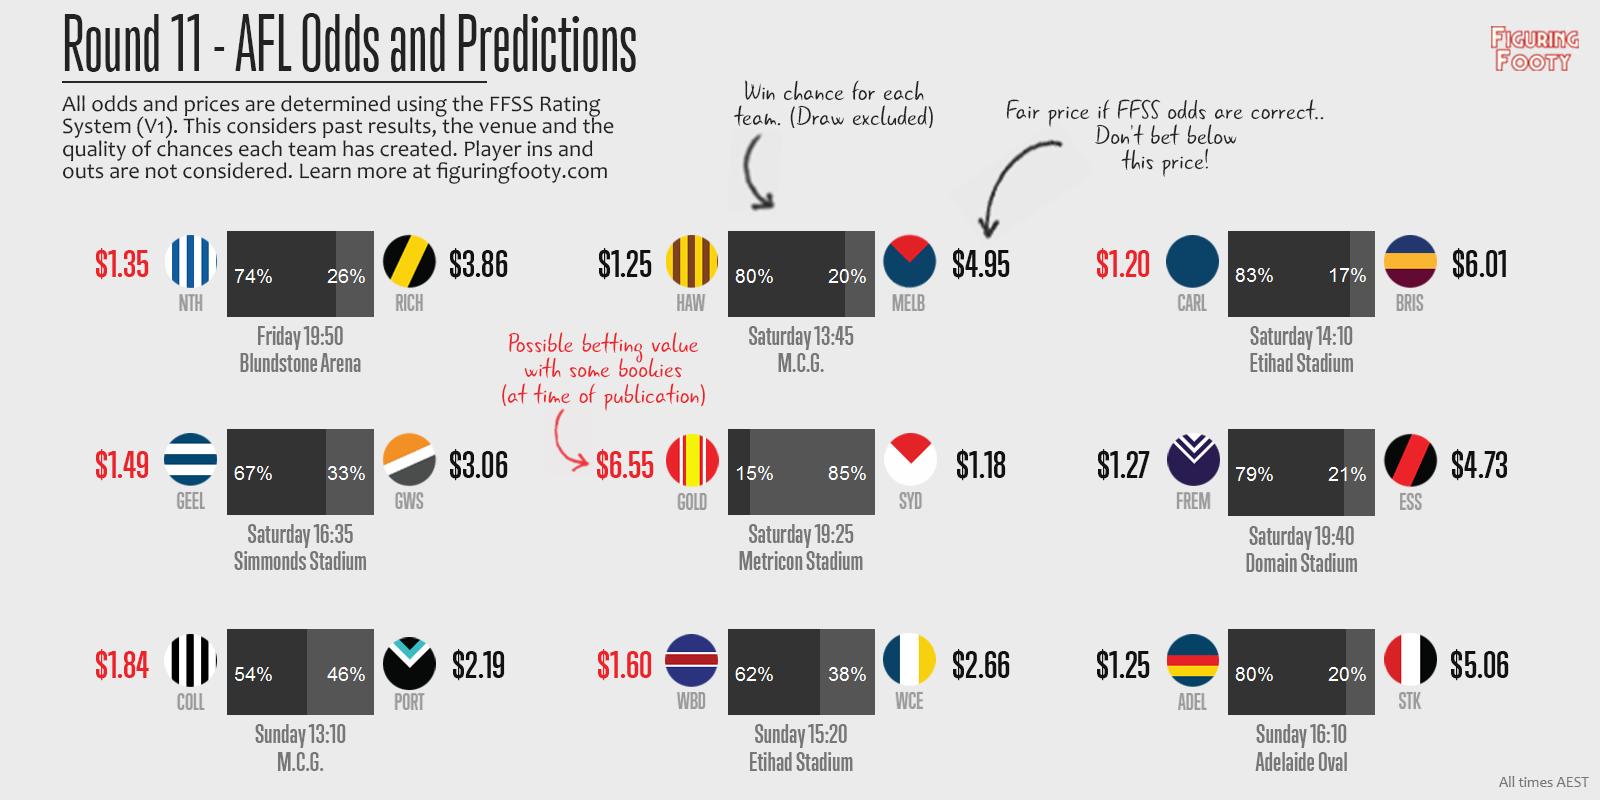 FFSS Week 11 Predictions